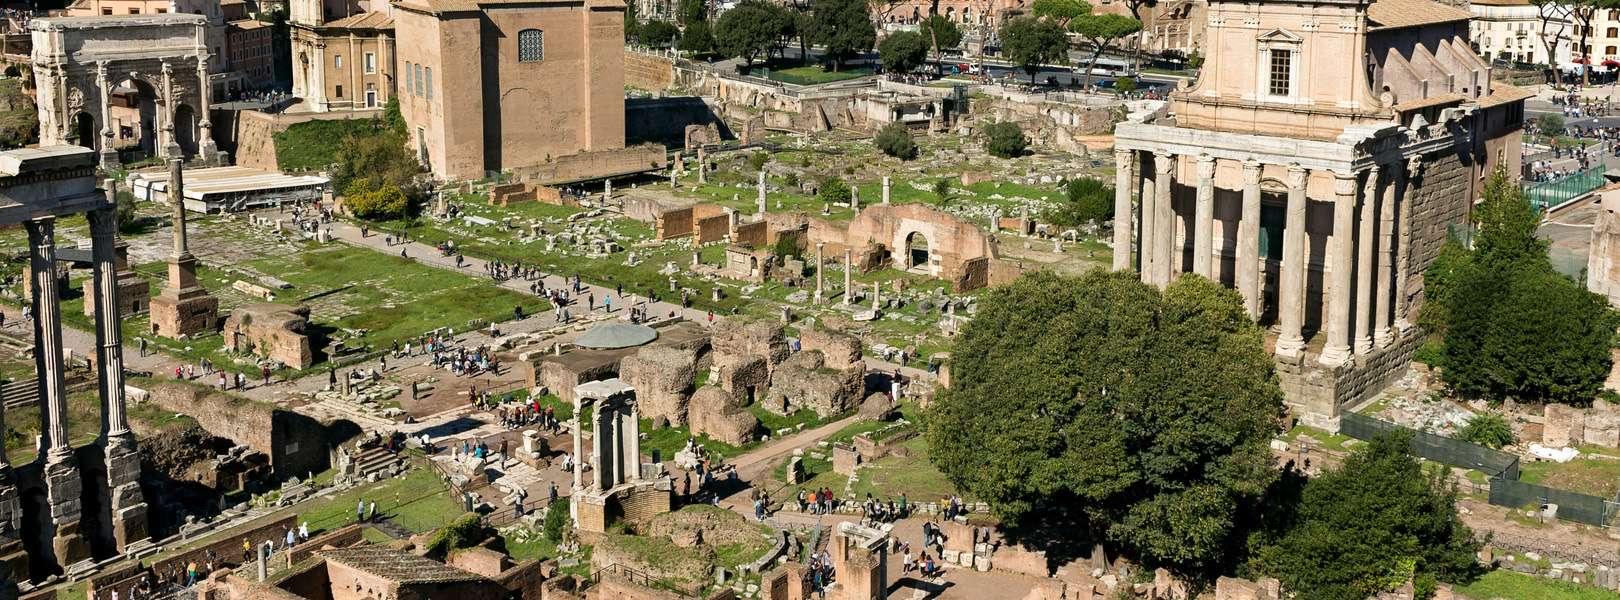 Blick auf das Forum Romanum